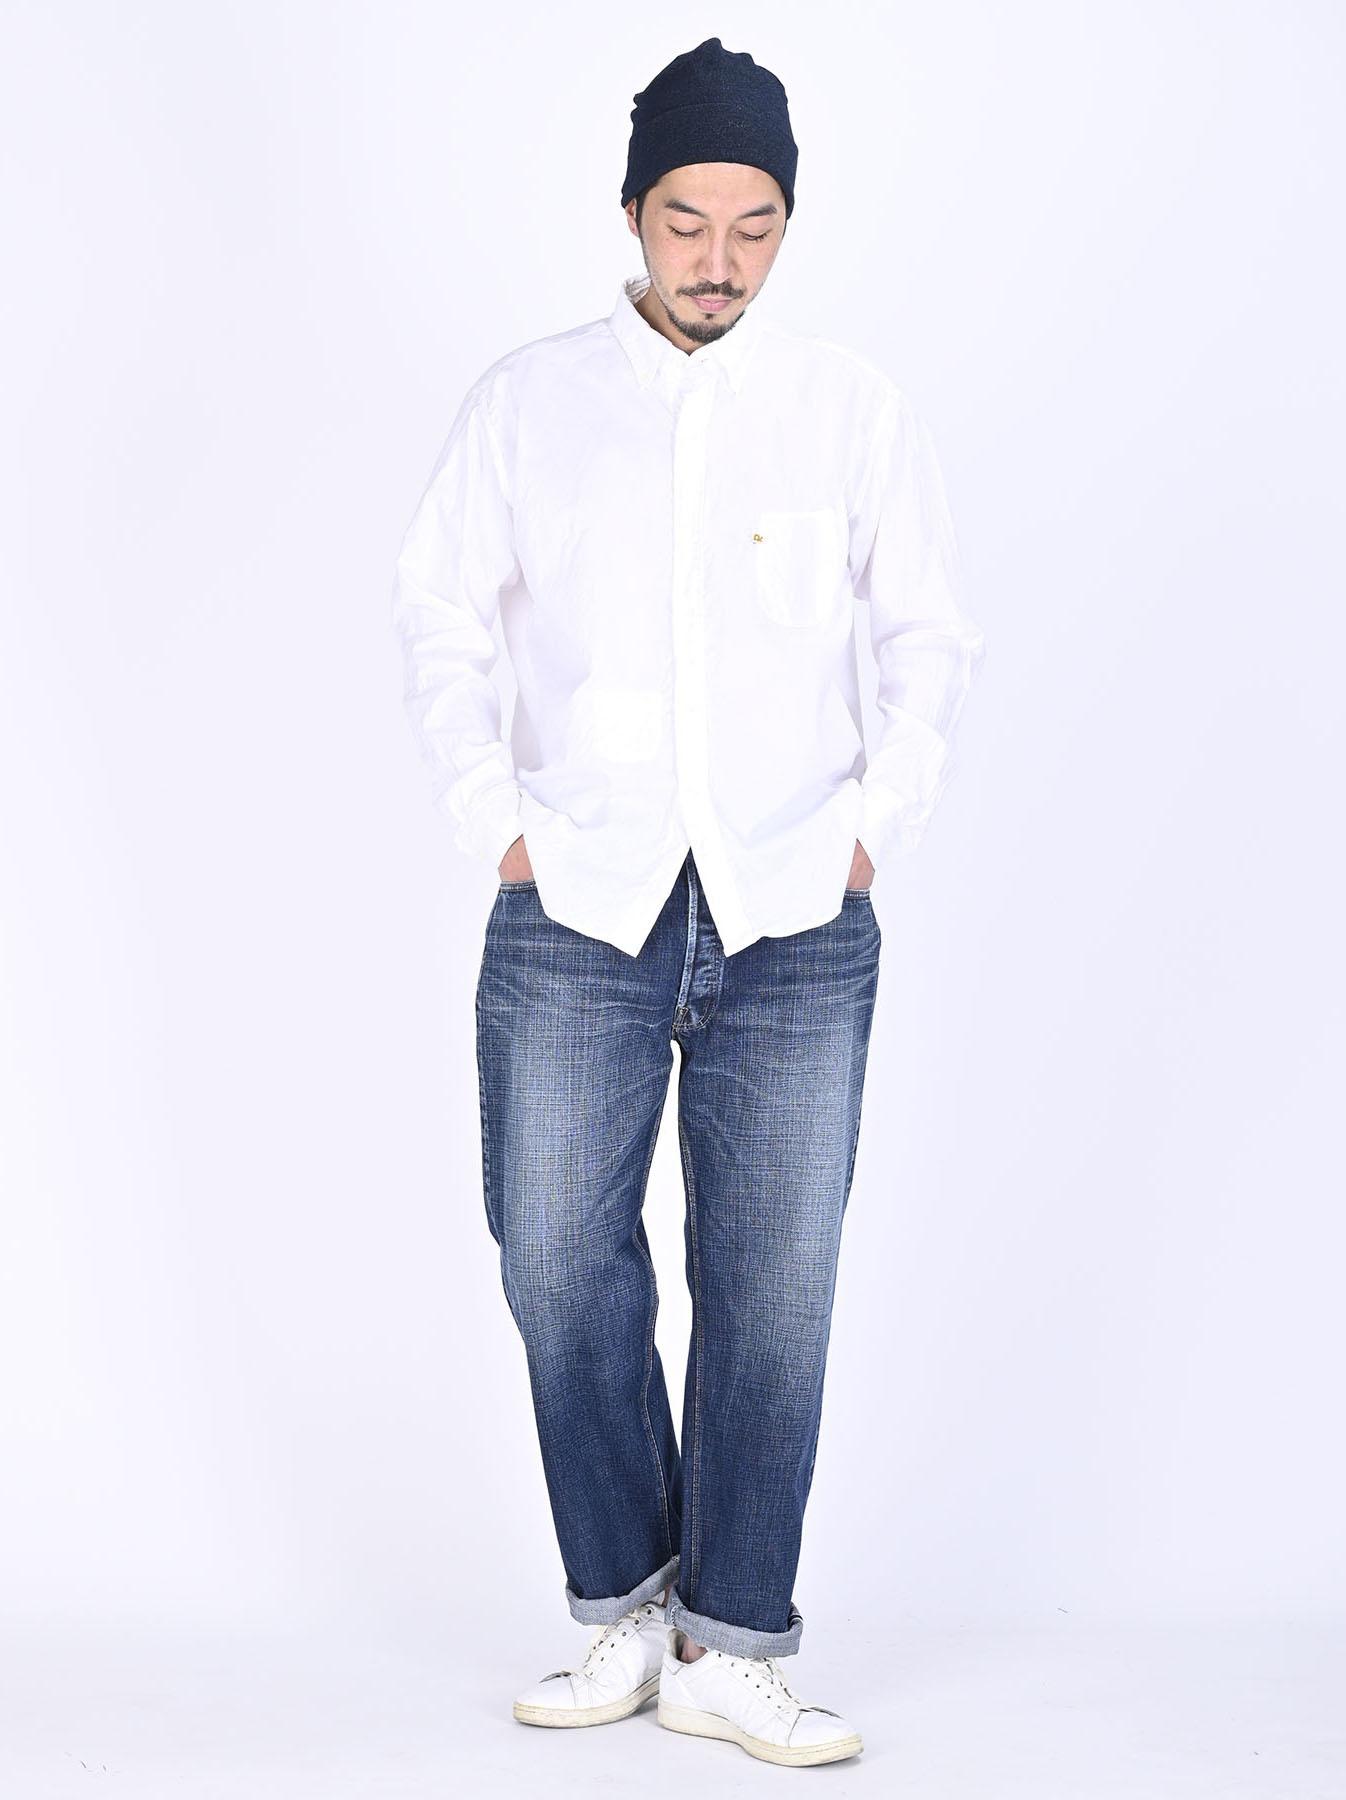 Futatabi 6.5 Sorahikohime Distressed (0121)-2